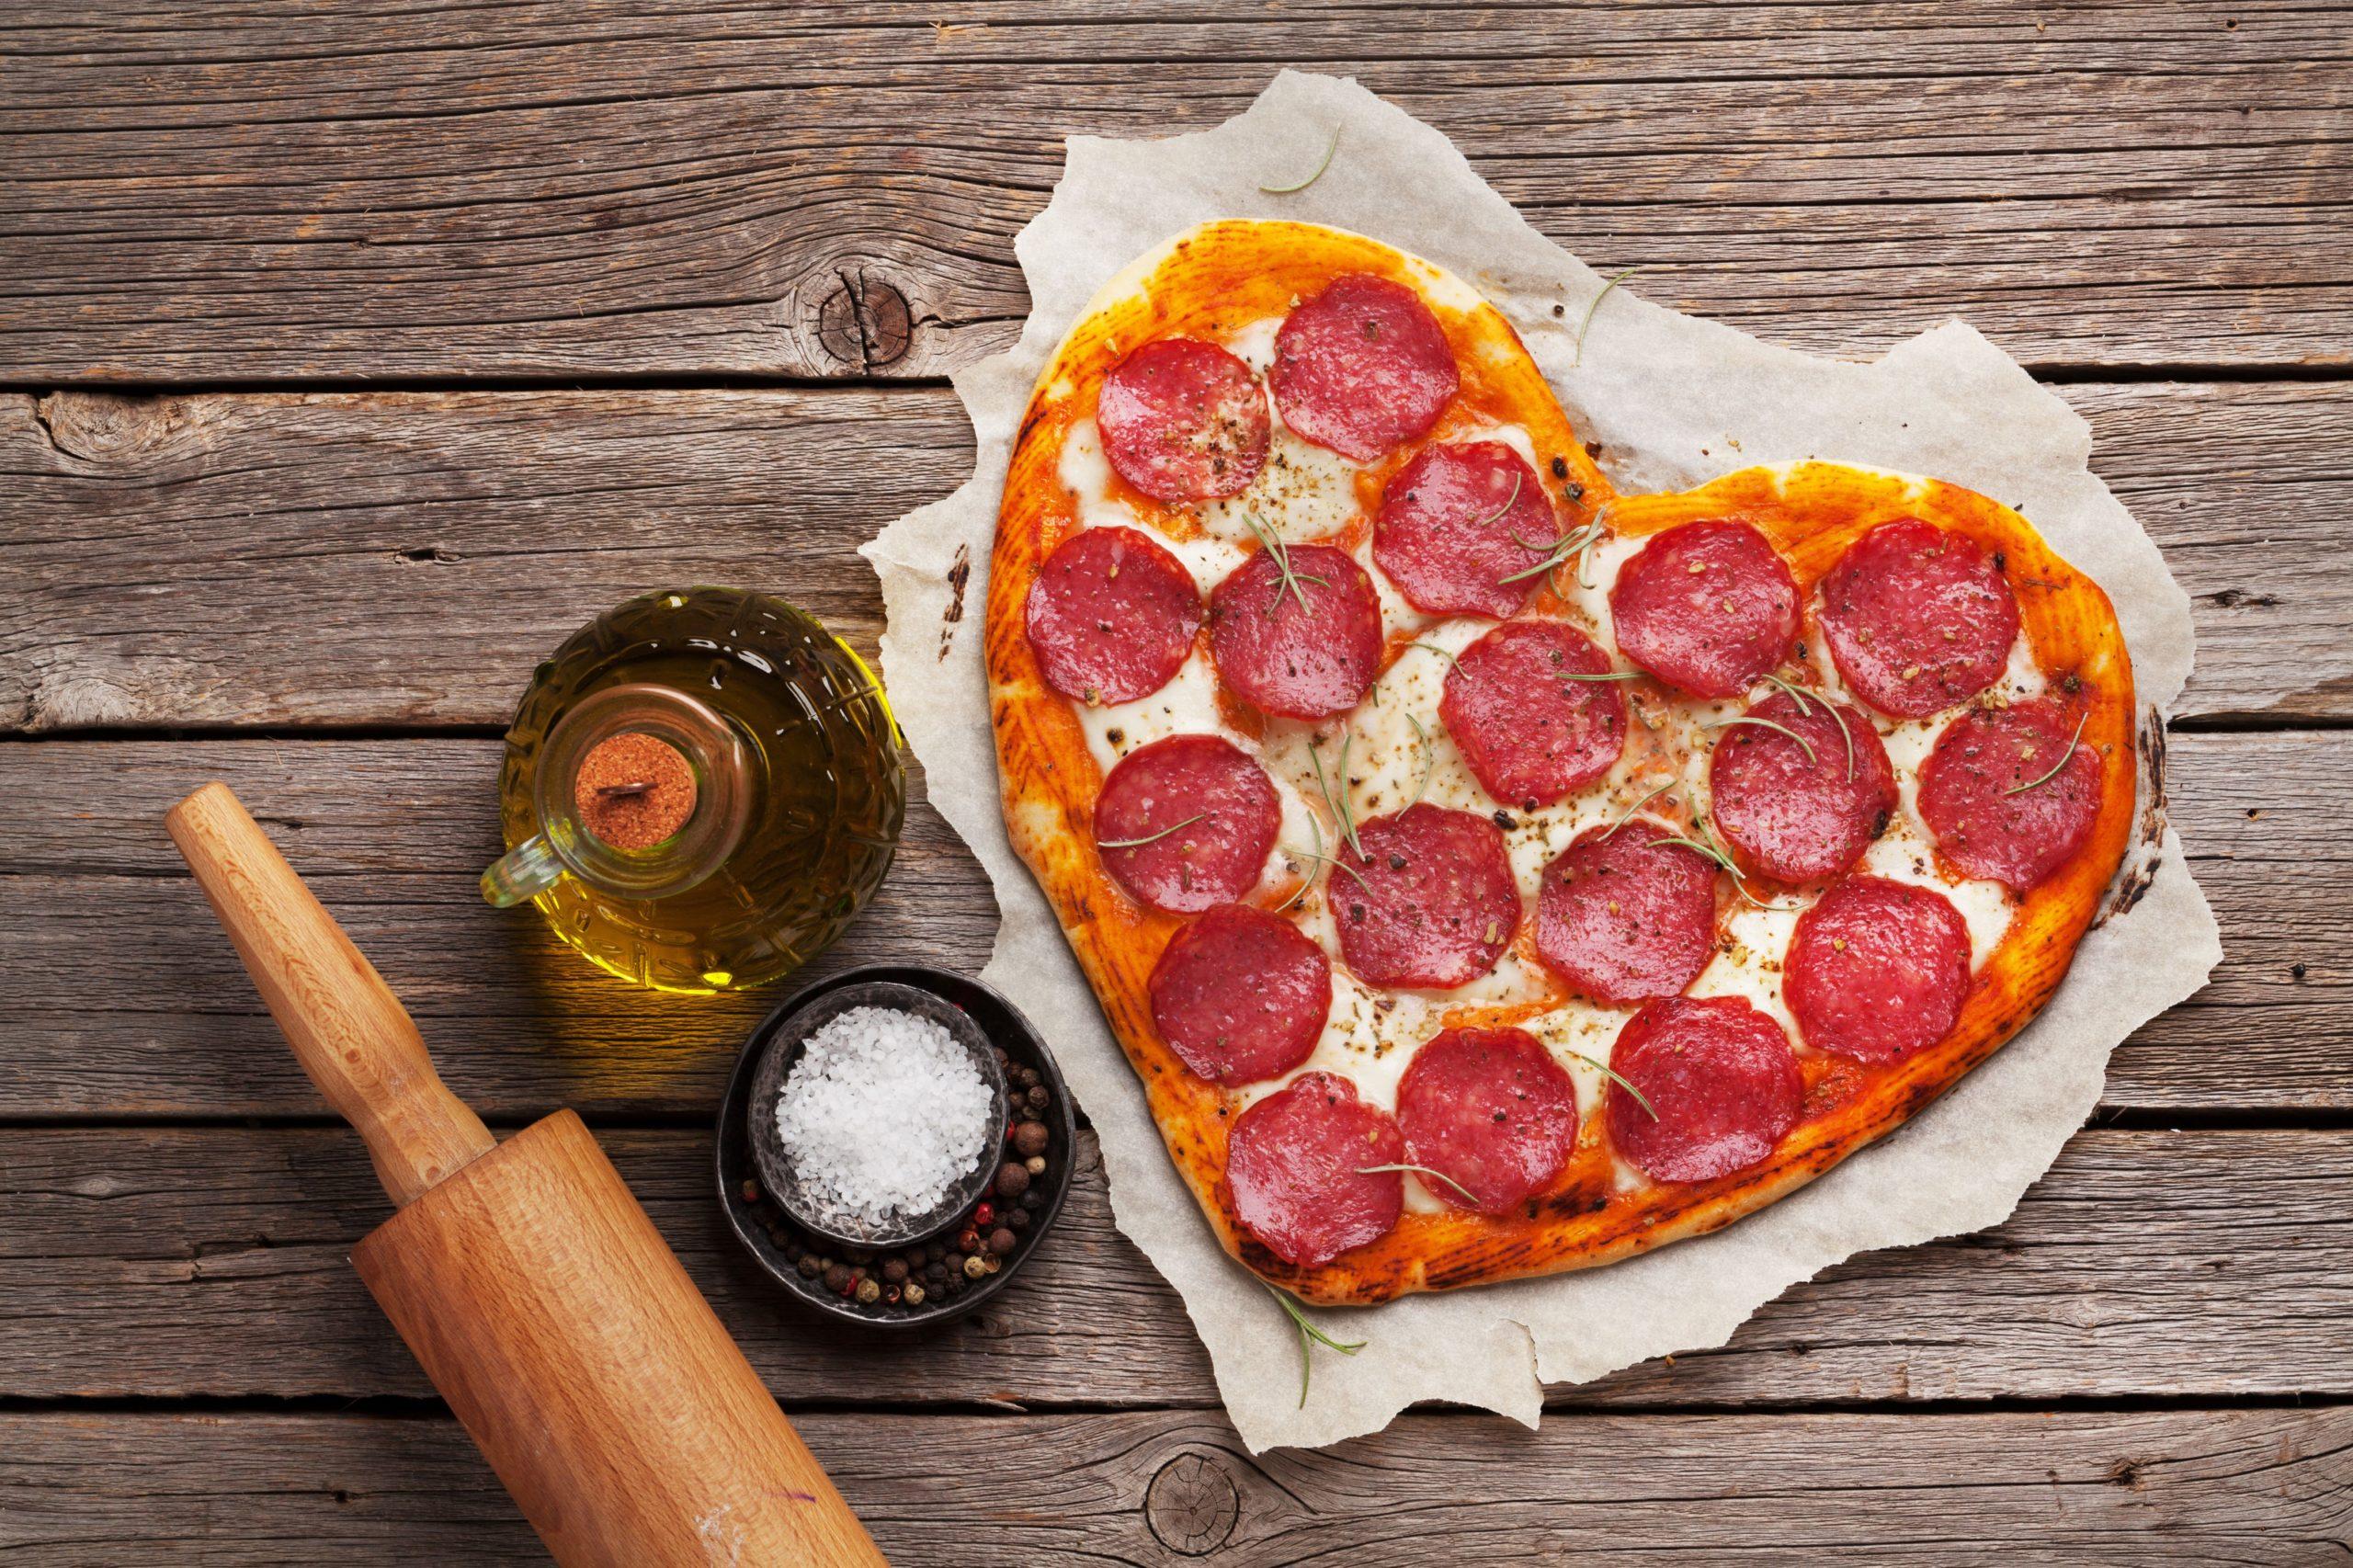 Pizza en forme de coeur.